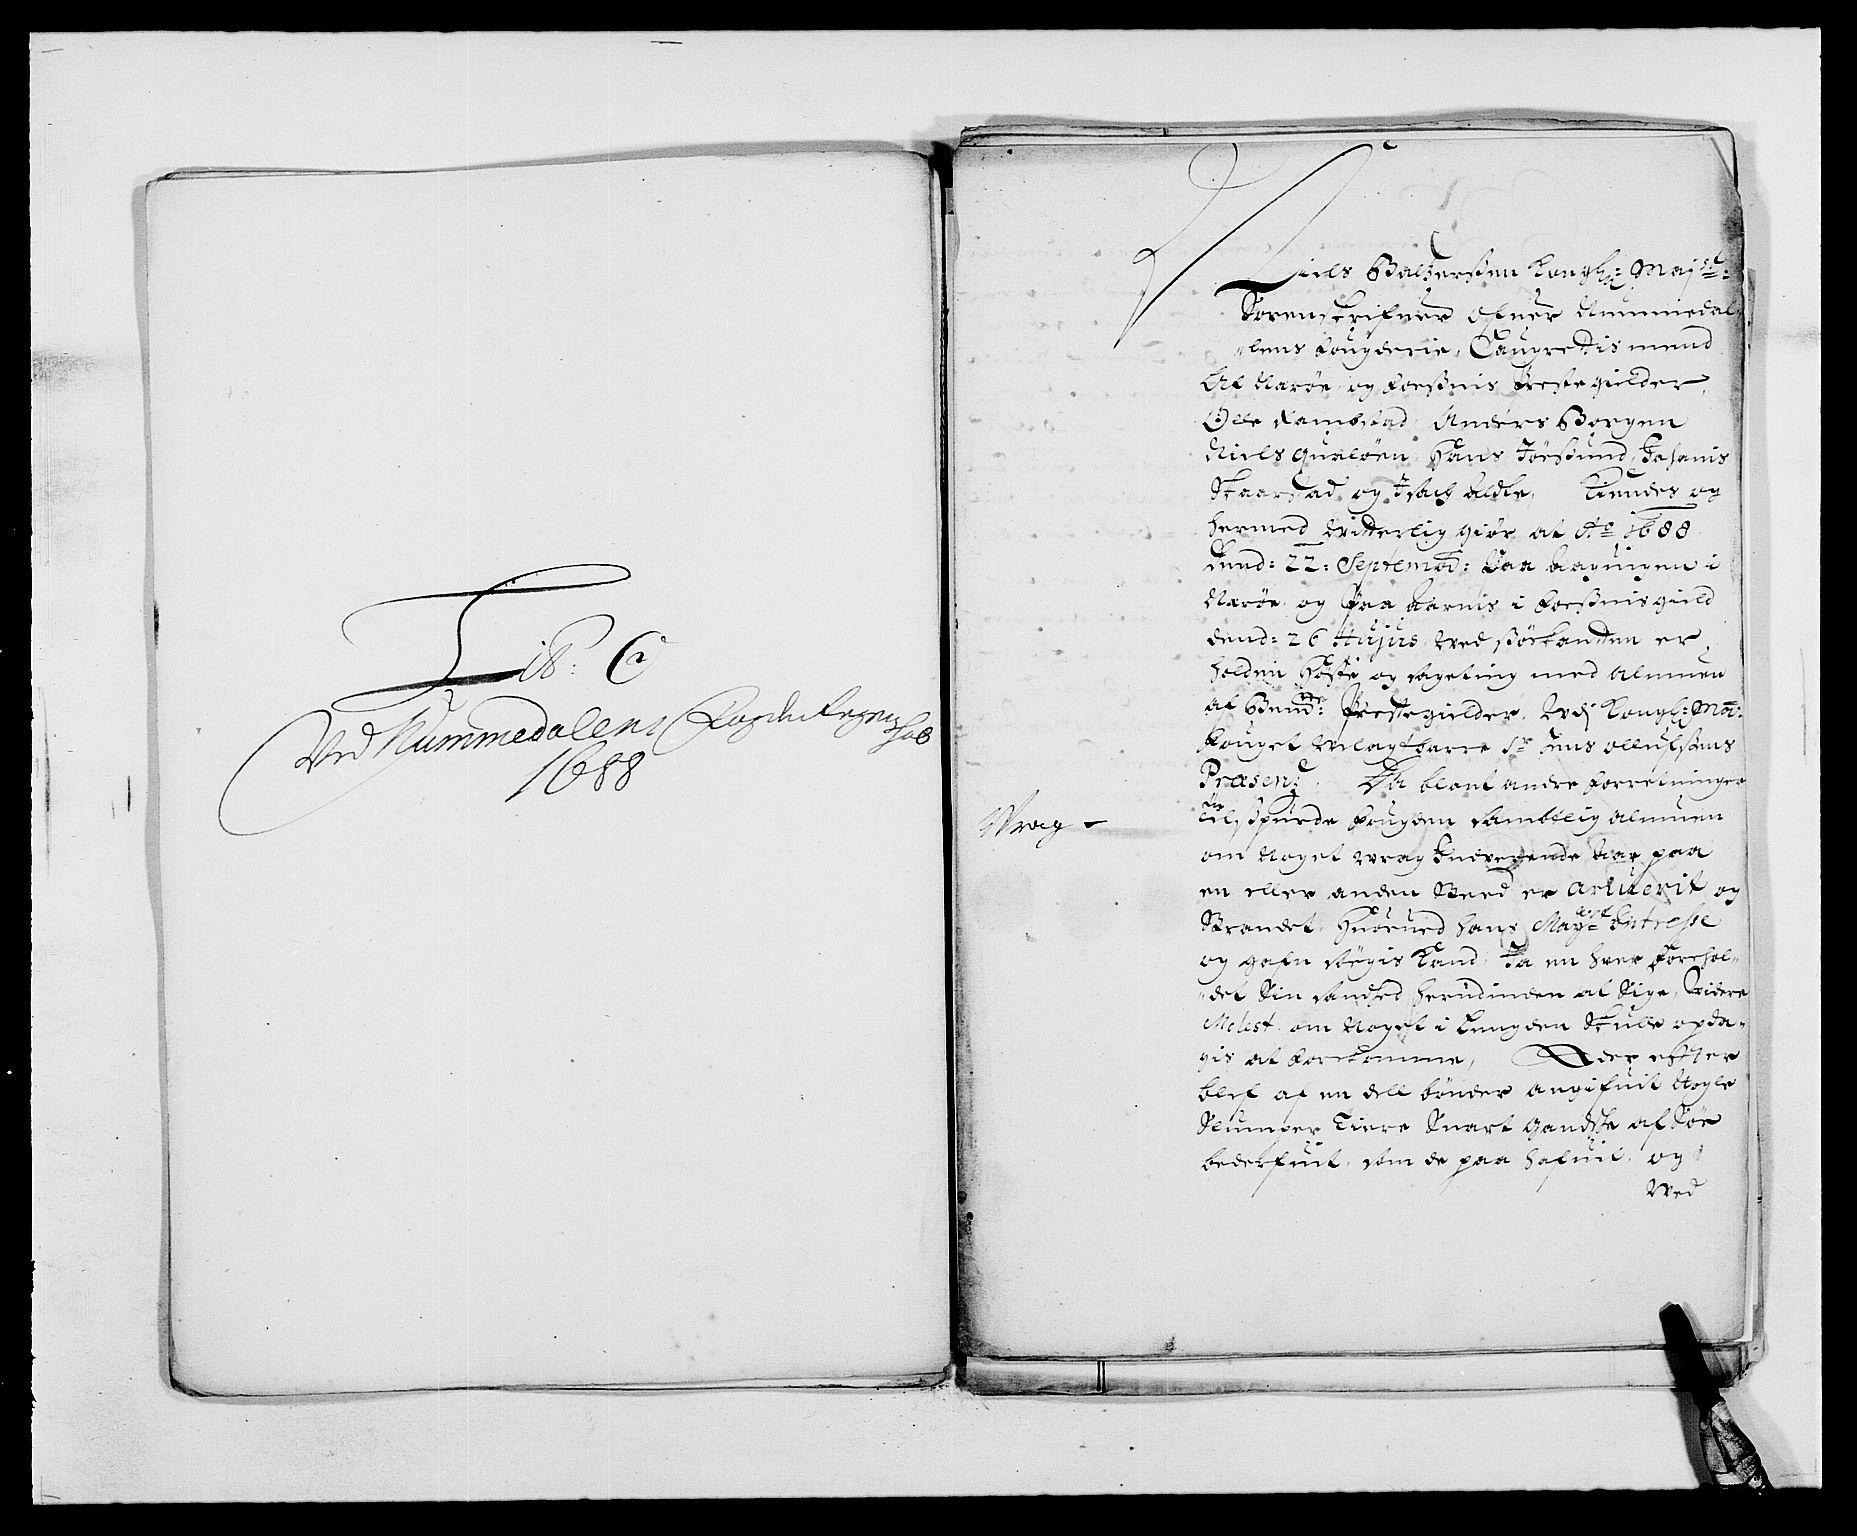 RA, Rentekammeret inntil 1814, Reviderte regnskaper, Fogderegnskap, R64/L4422: Fogderegnskap Namdal, 1687-1689, s. 167